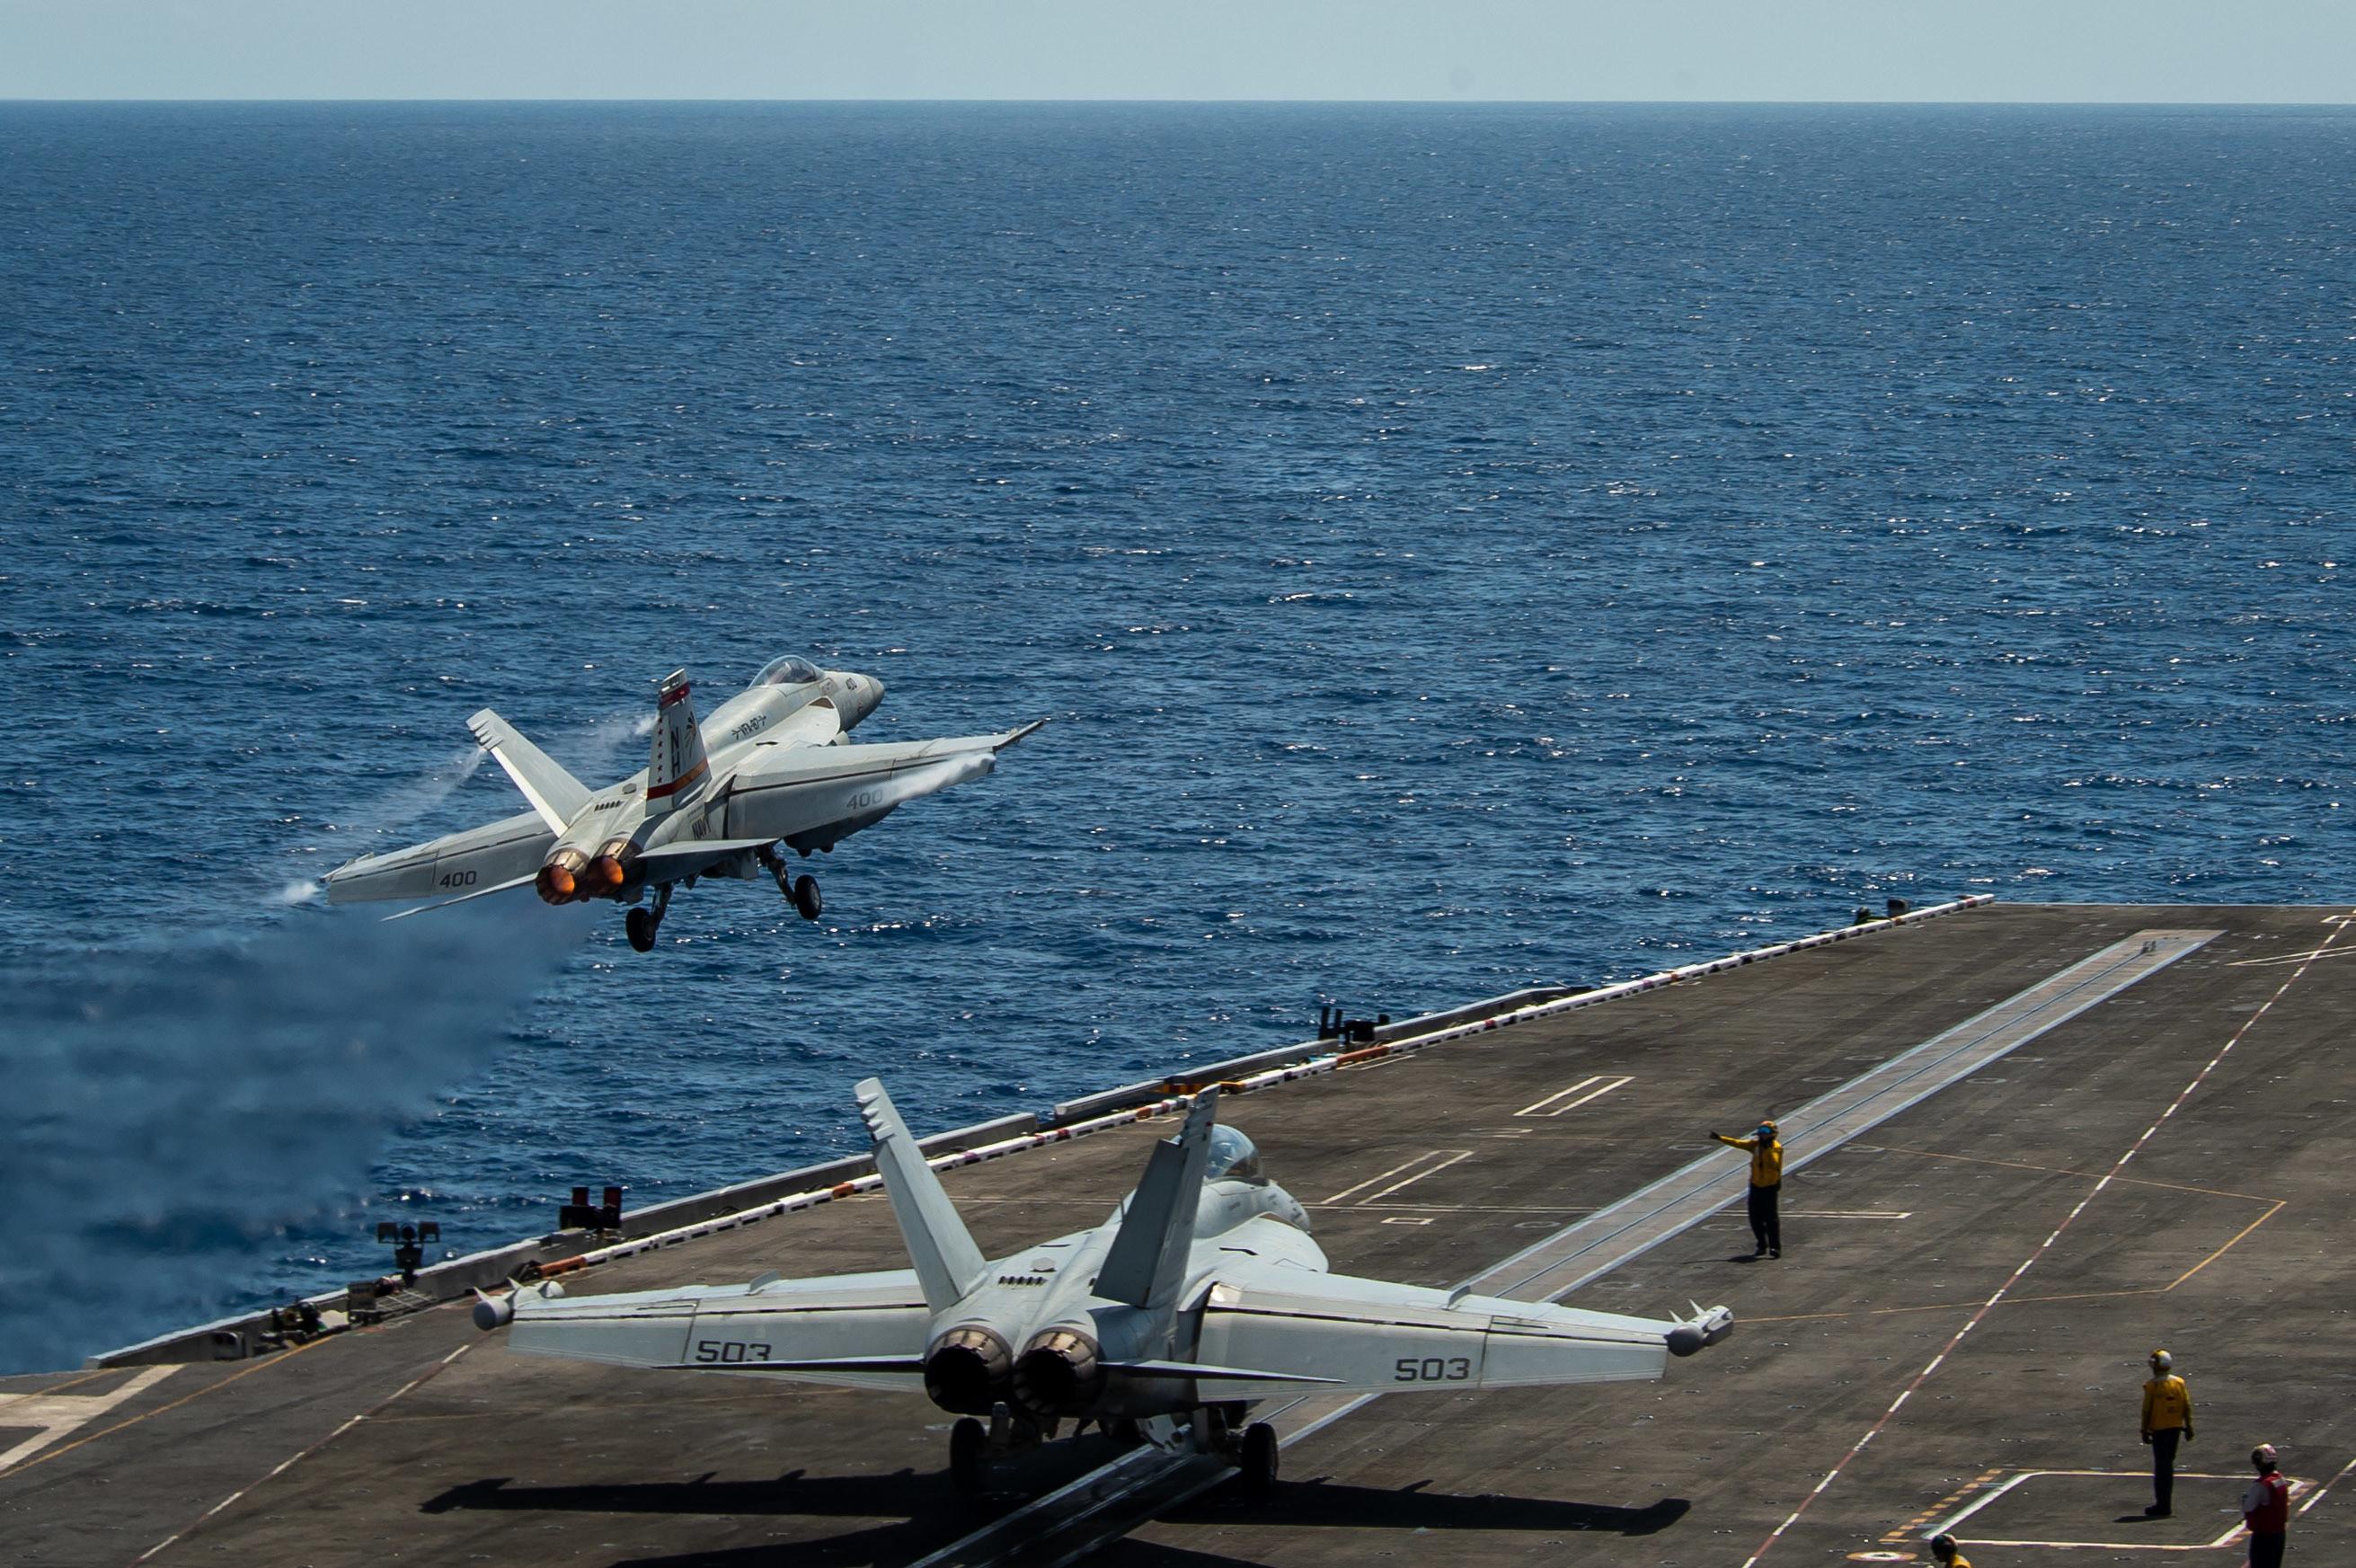 航空母艦,美中關係,南海,羅斯福號戰鬥群,第七艦隊,反艦飛彈,神盾艦,標準三型飛彈